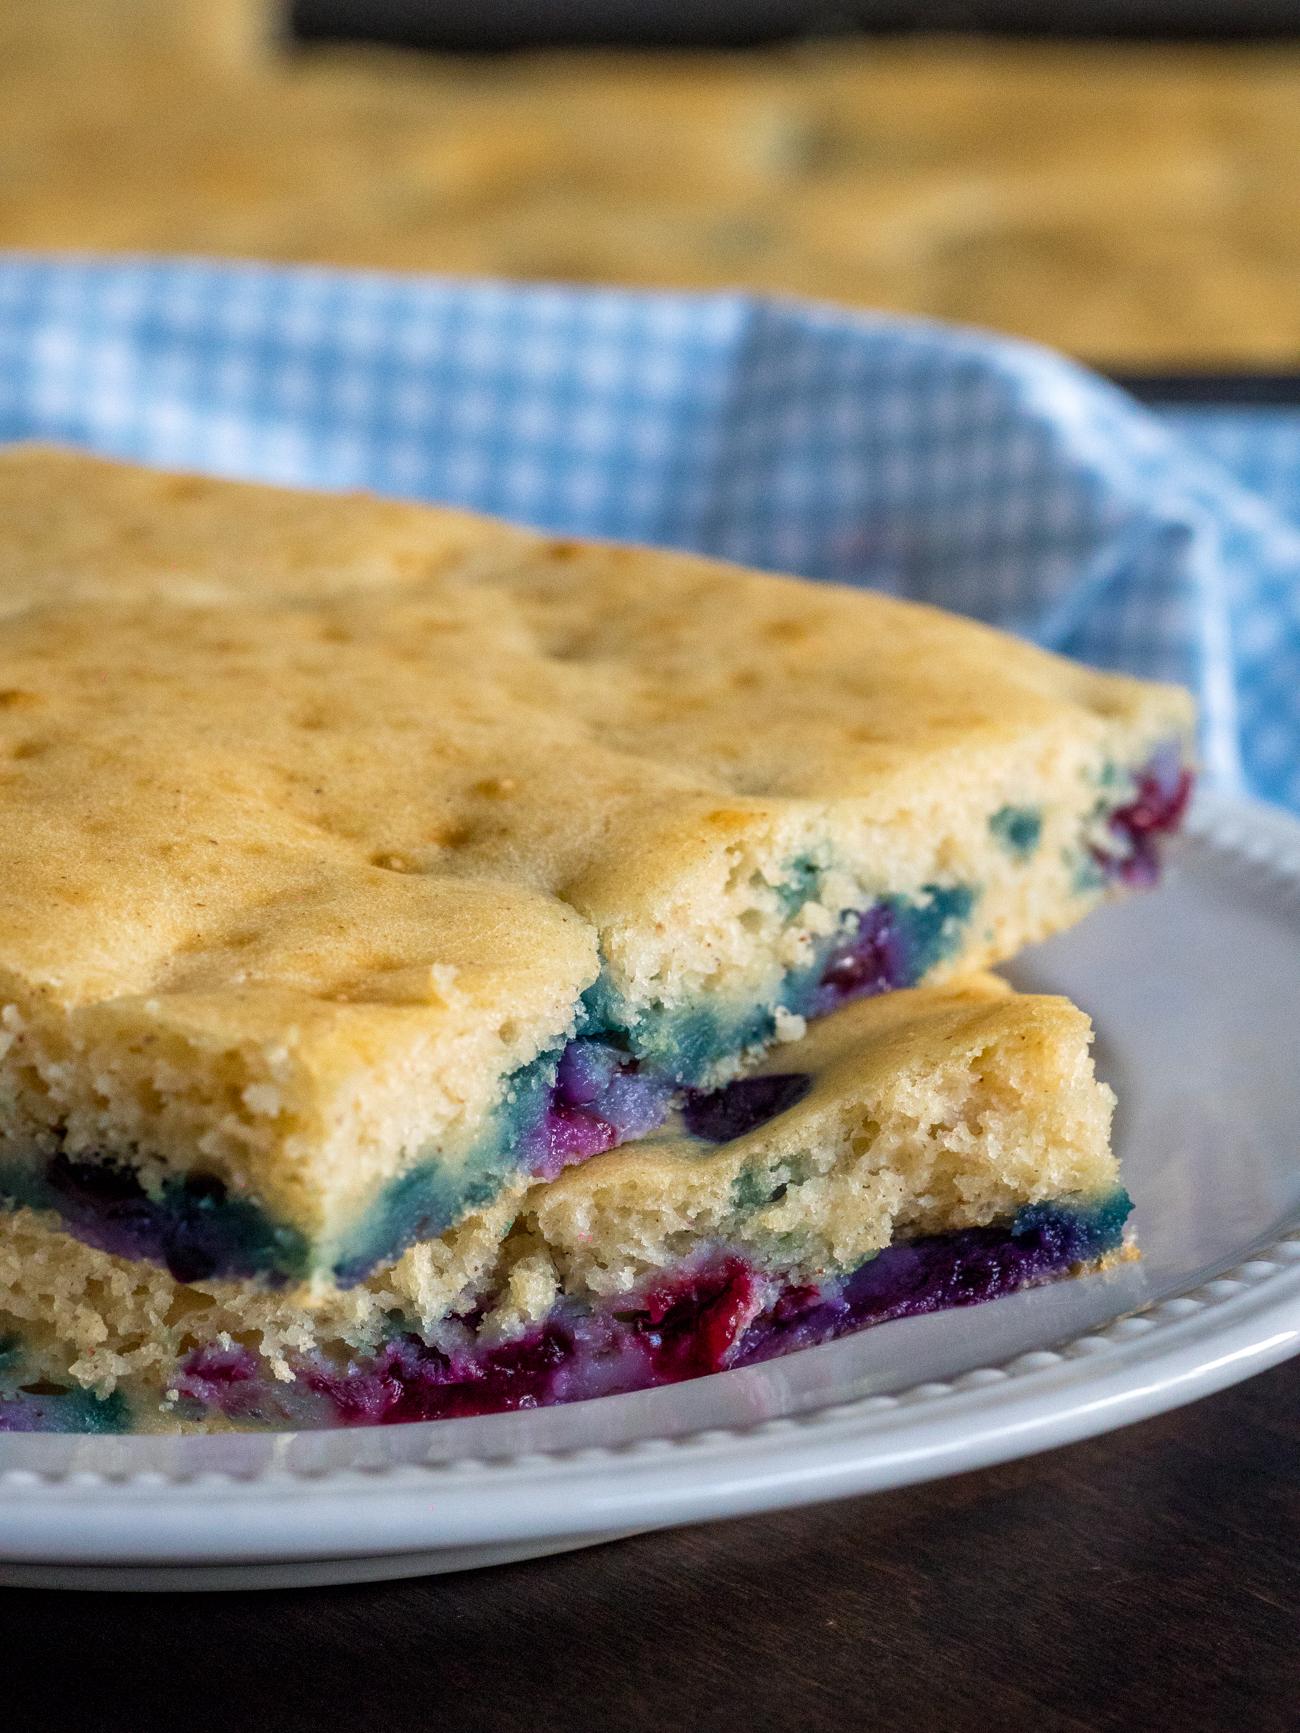 Sheet Pan Blueberry Pancakes Vertical 4